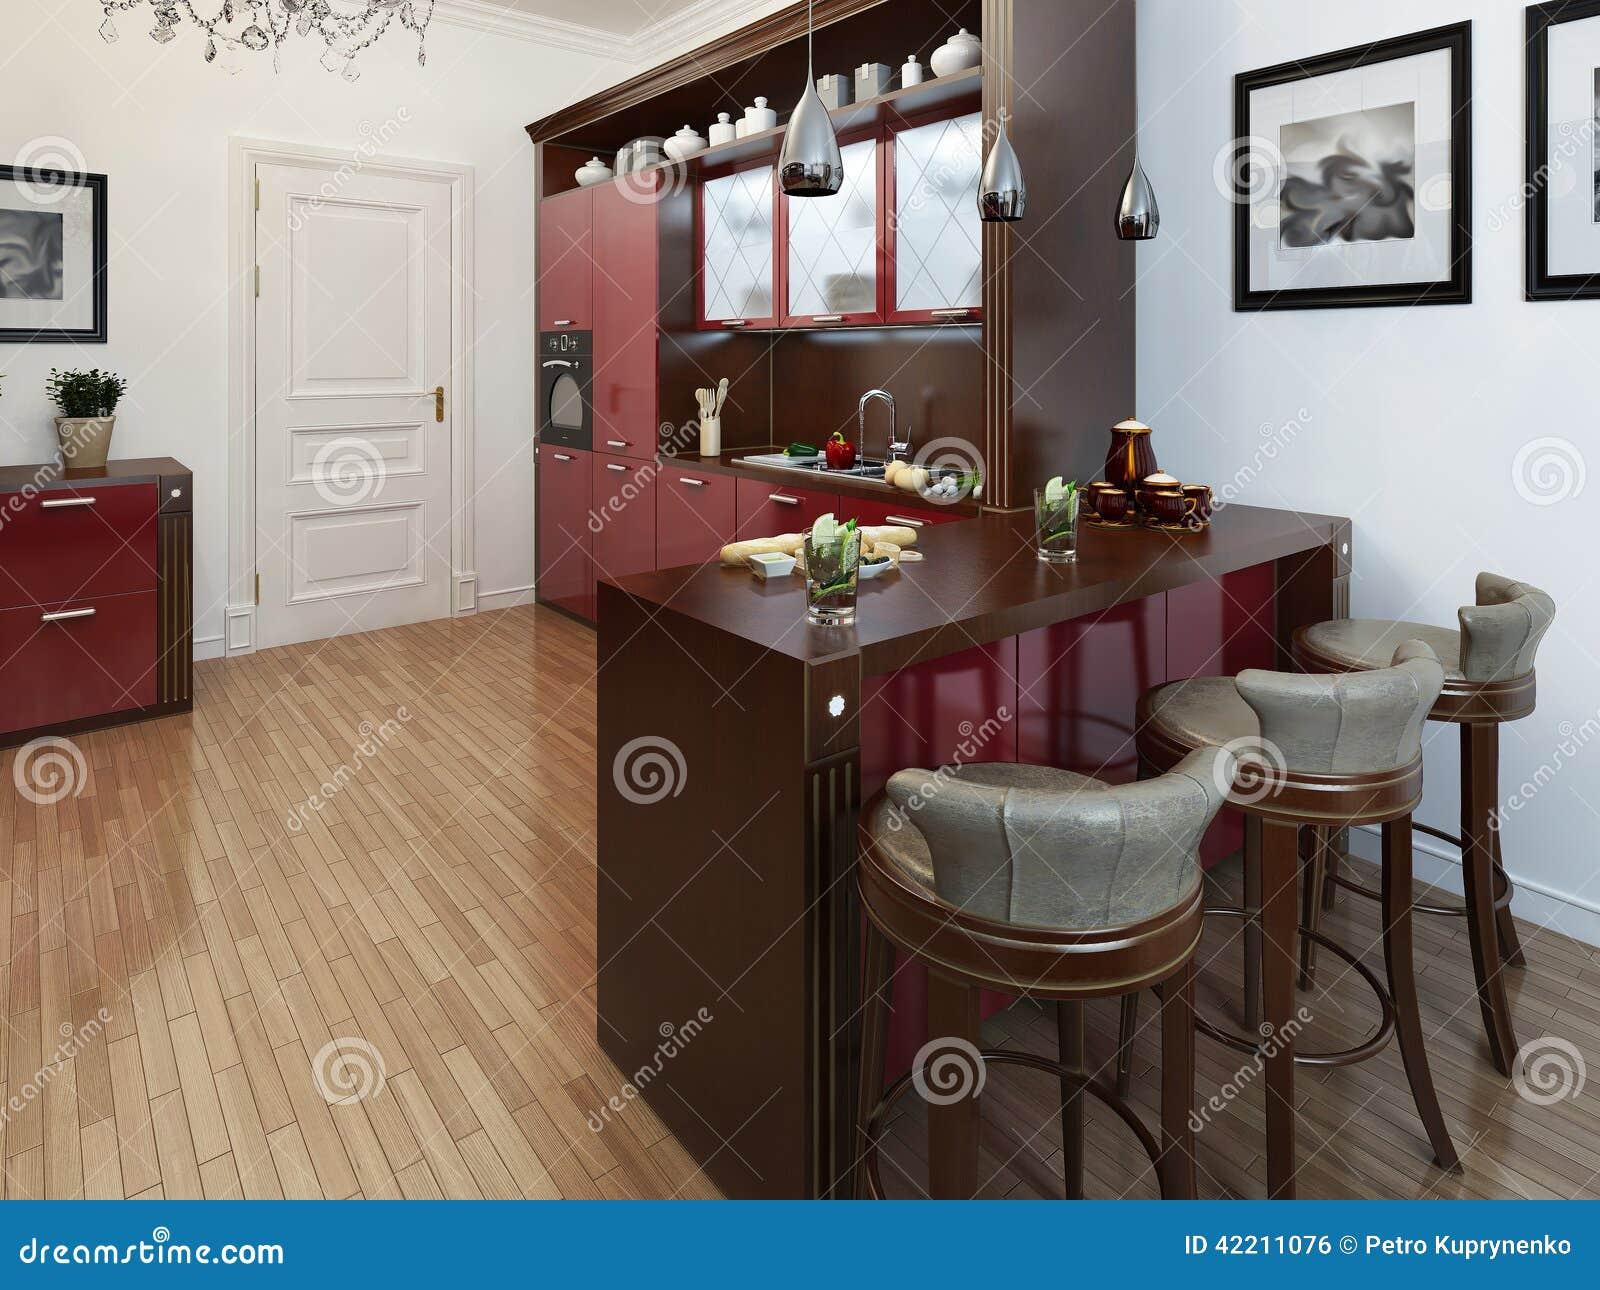 Keuken in de art deco stijl stock illustratie afbeelding 42211076 - Deco stijl chalet ...